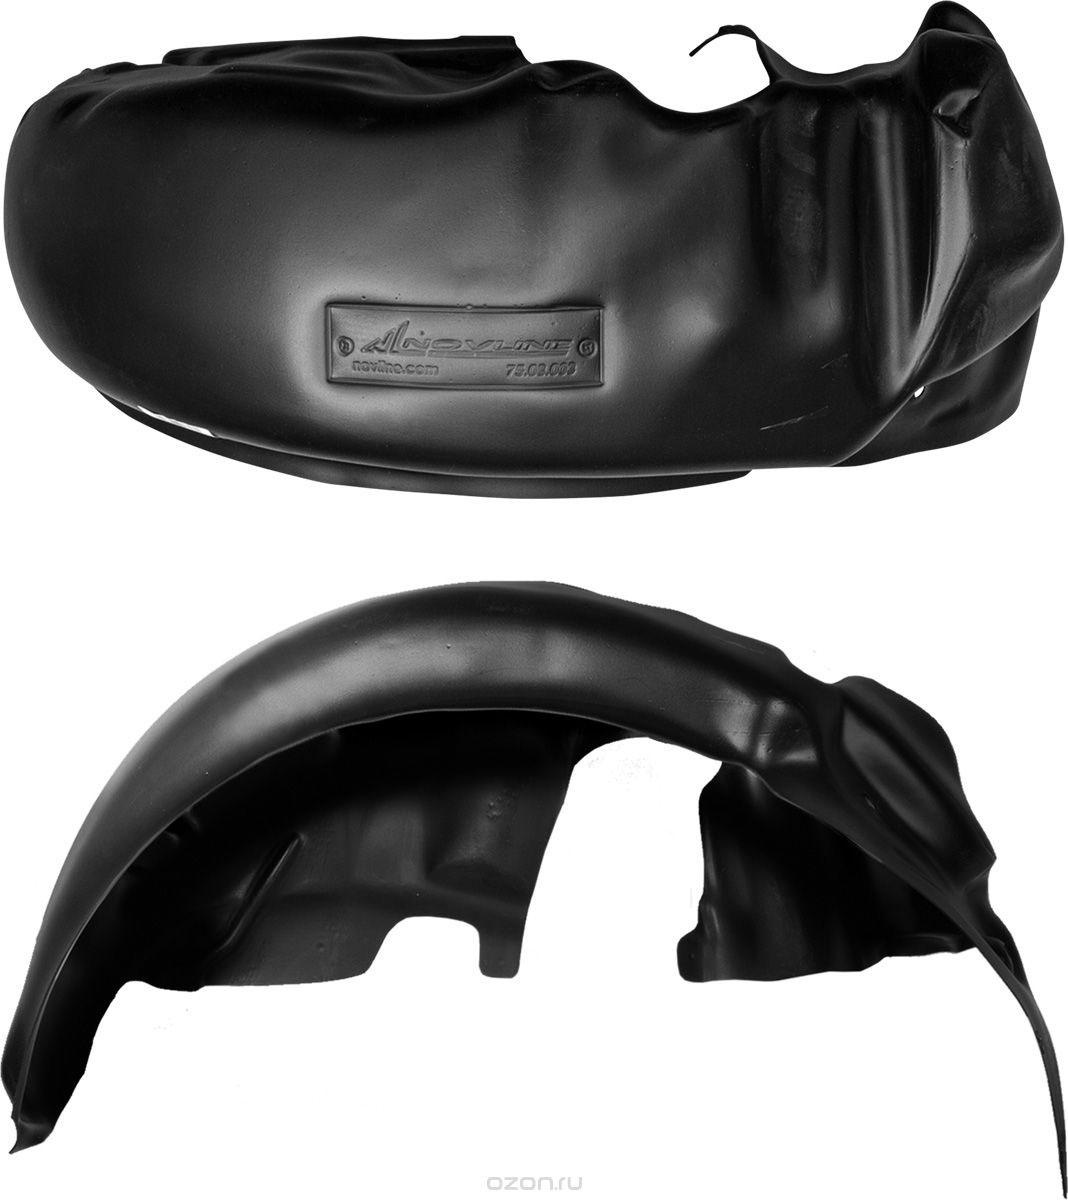 Подкрылок Novline-Autofamily, для Lifan X50, 06/2015->, кроссовер, передний правыйNLL.73.09.002Идеальная защита колесной ниши. Локеры разработаны с применением цифровых технологий, гарантируют максимальную повторяемость поверхности арки. Изделия устанавливаются без нарушения лакокрасочного покрытия автомобиля, каждый подкрылок комплектуется крепежом. Уважаемые клиенты, обращаем ваше внимание, что фотографии на подкрылки универсальные и не отражают реальную форму изделия. При этом само изделие идет точно под размер указанного автомобиля.